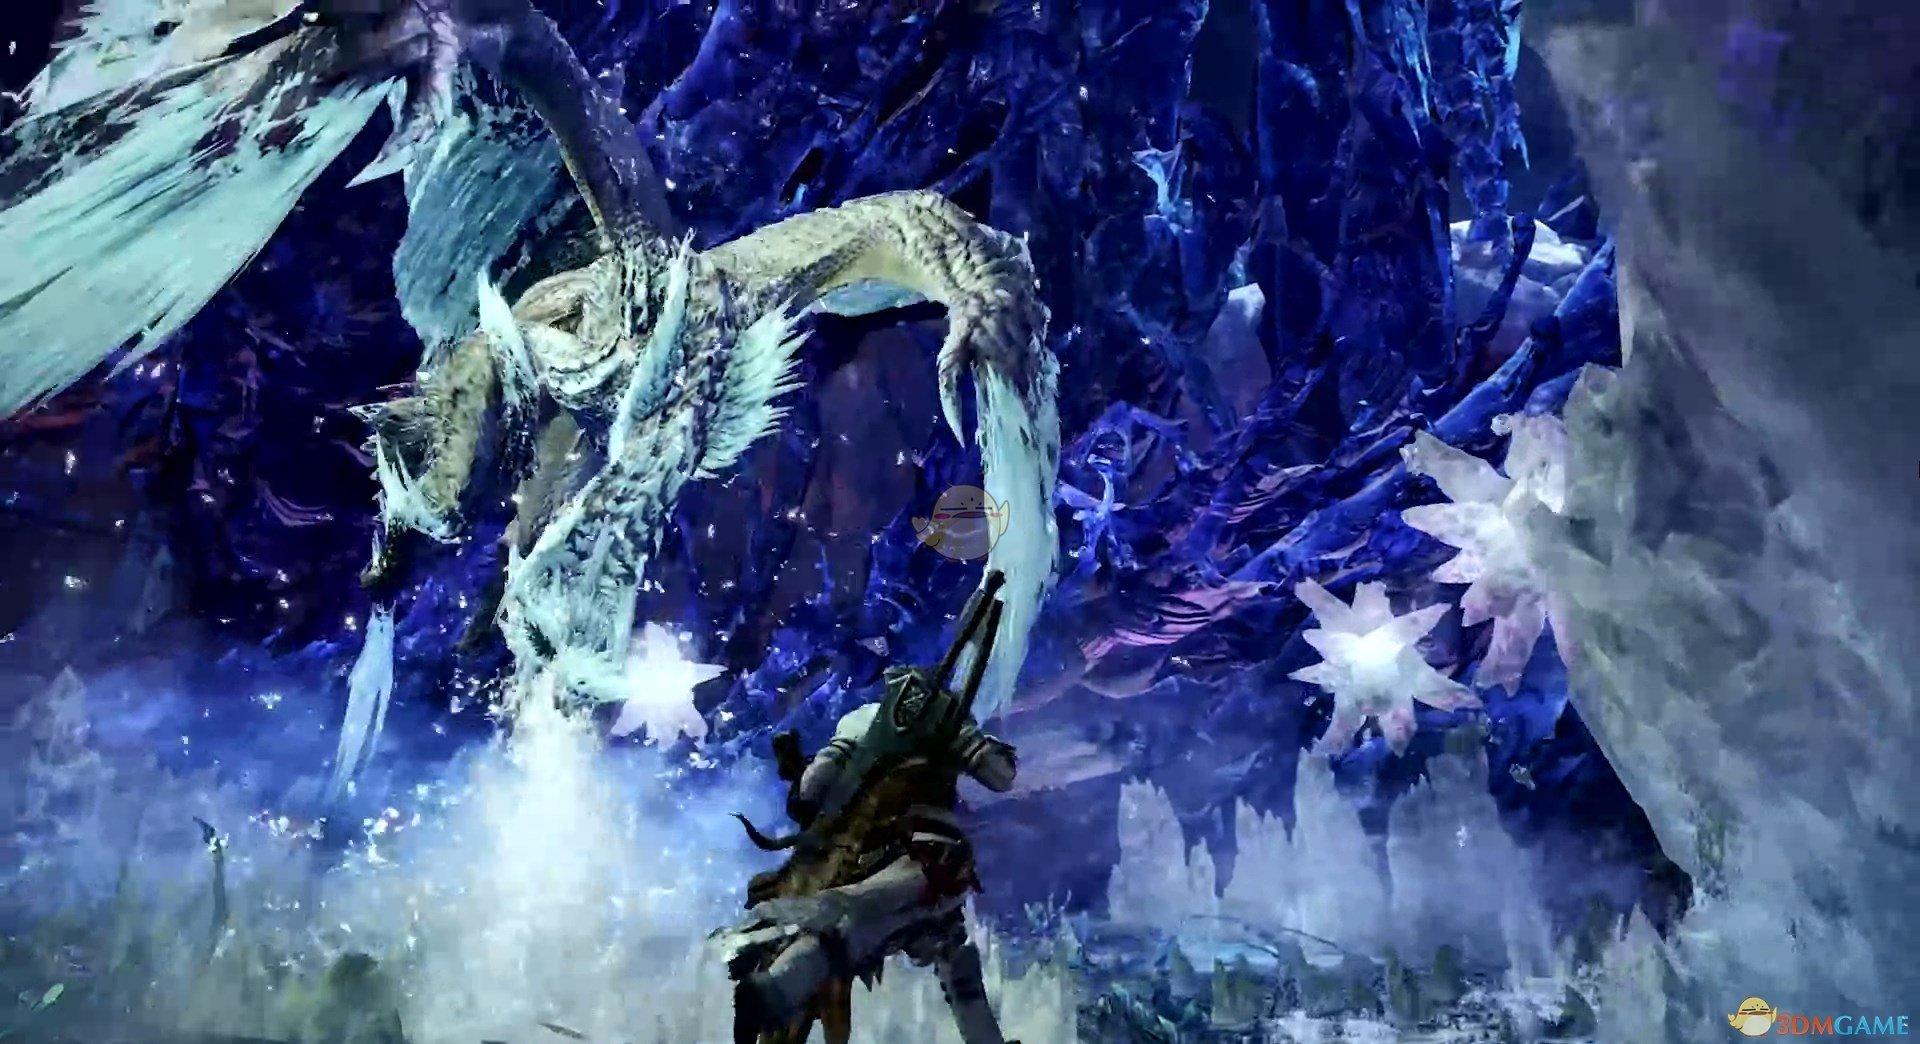 《怪物猎人:世界》冰原DLC盾斧点盾好处介绍